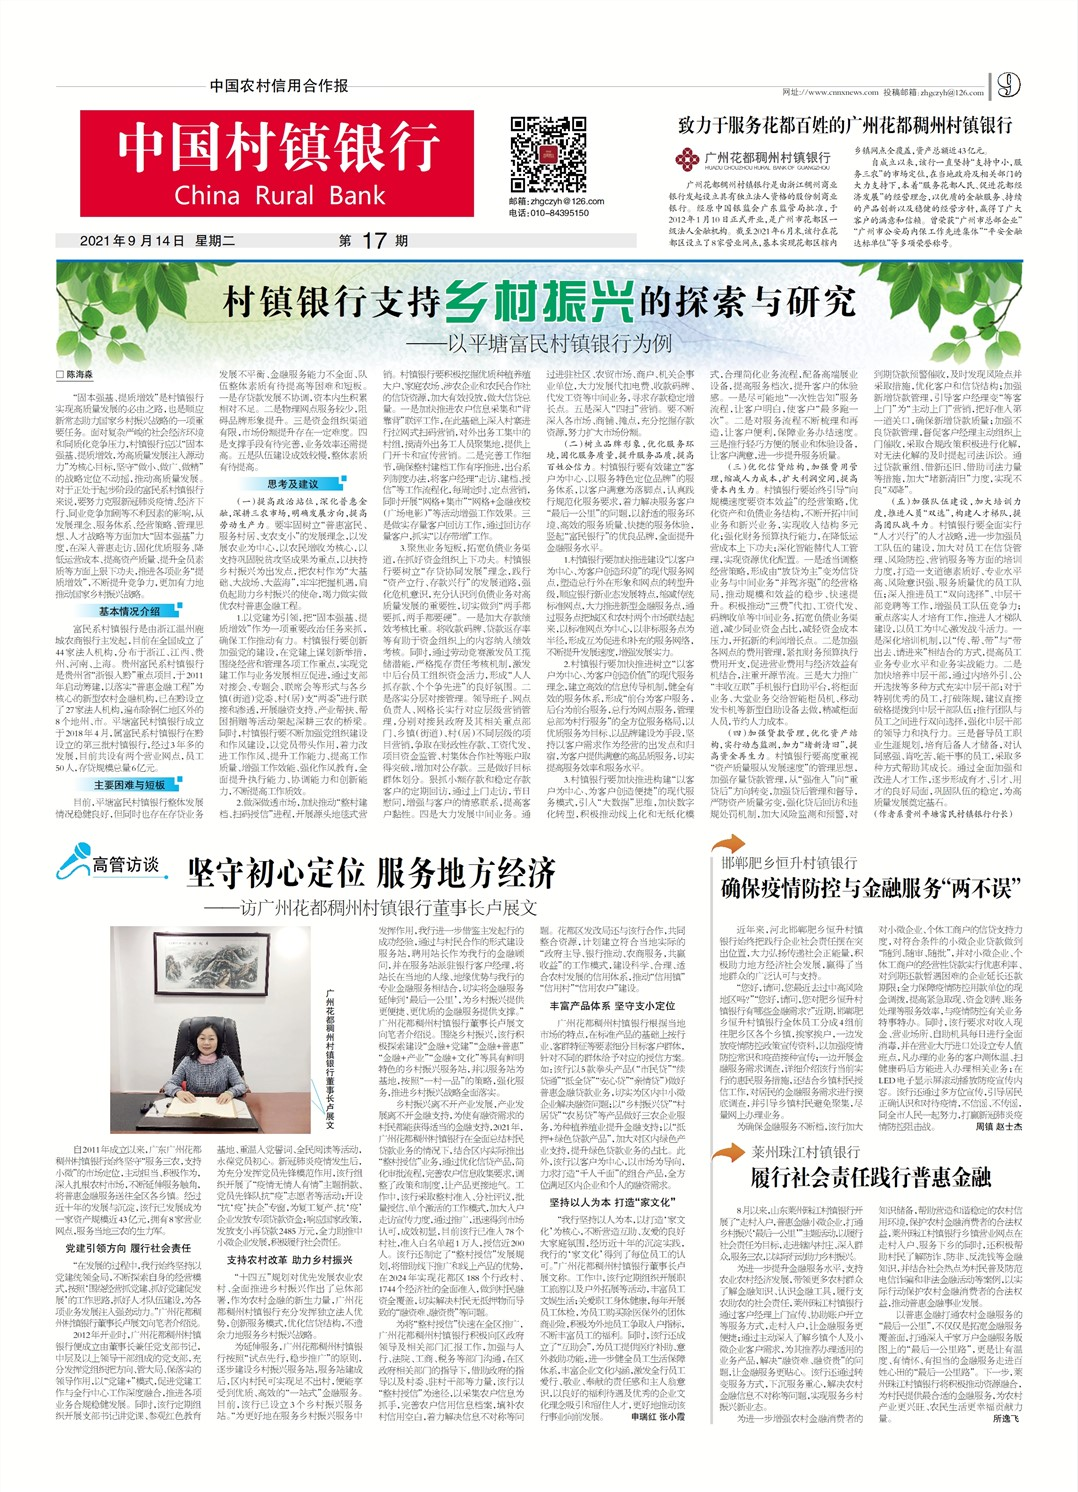 中国农村信用合作报中国村镇银行